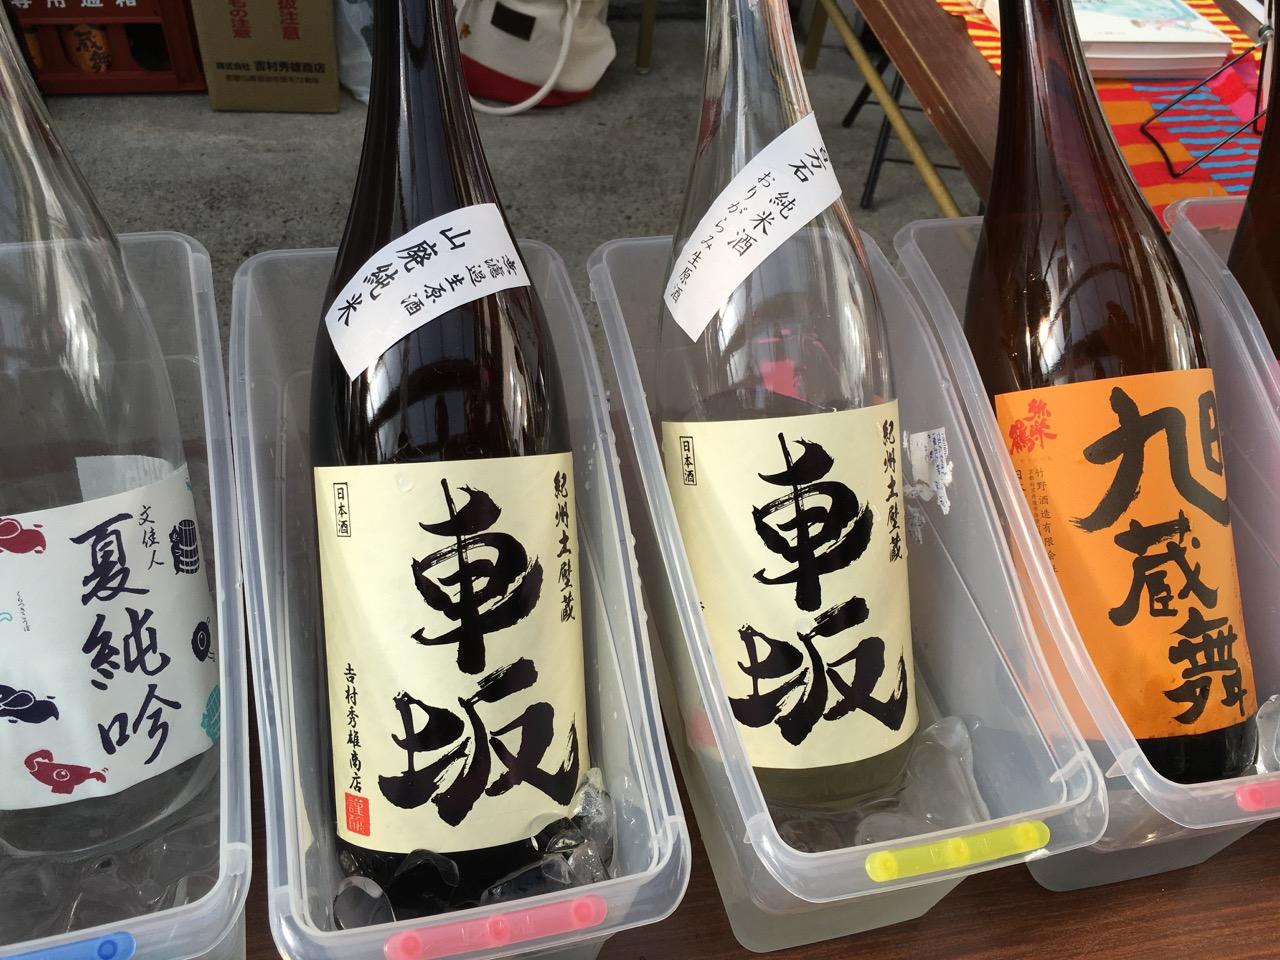 京都日本酒ドロップキック2016 日本酒ガール特別ブース